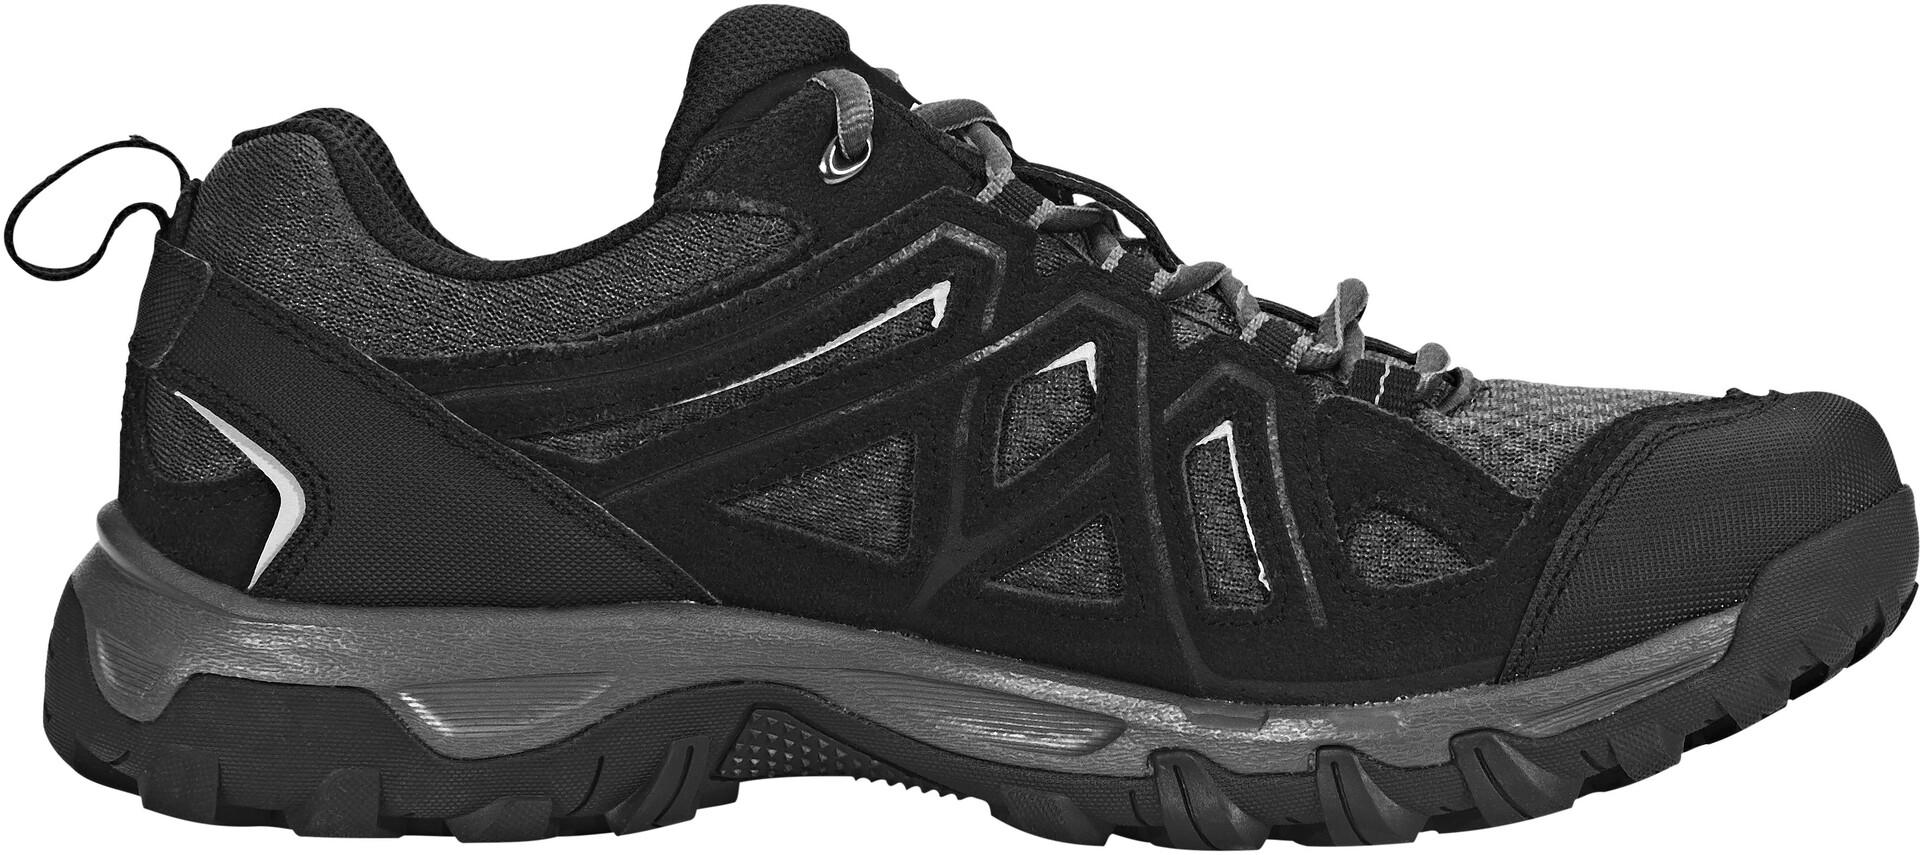 Salomon Evasion 2 Aero Shoes Men blackmagnetalloy at